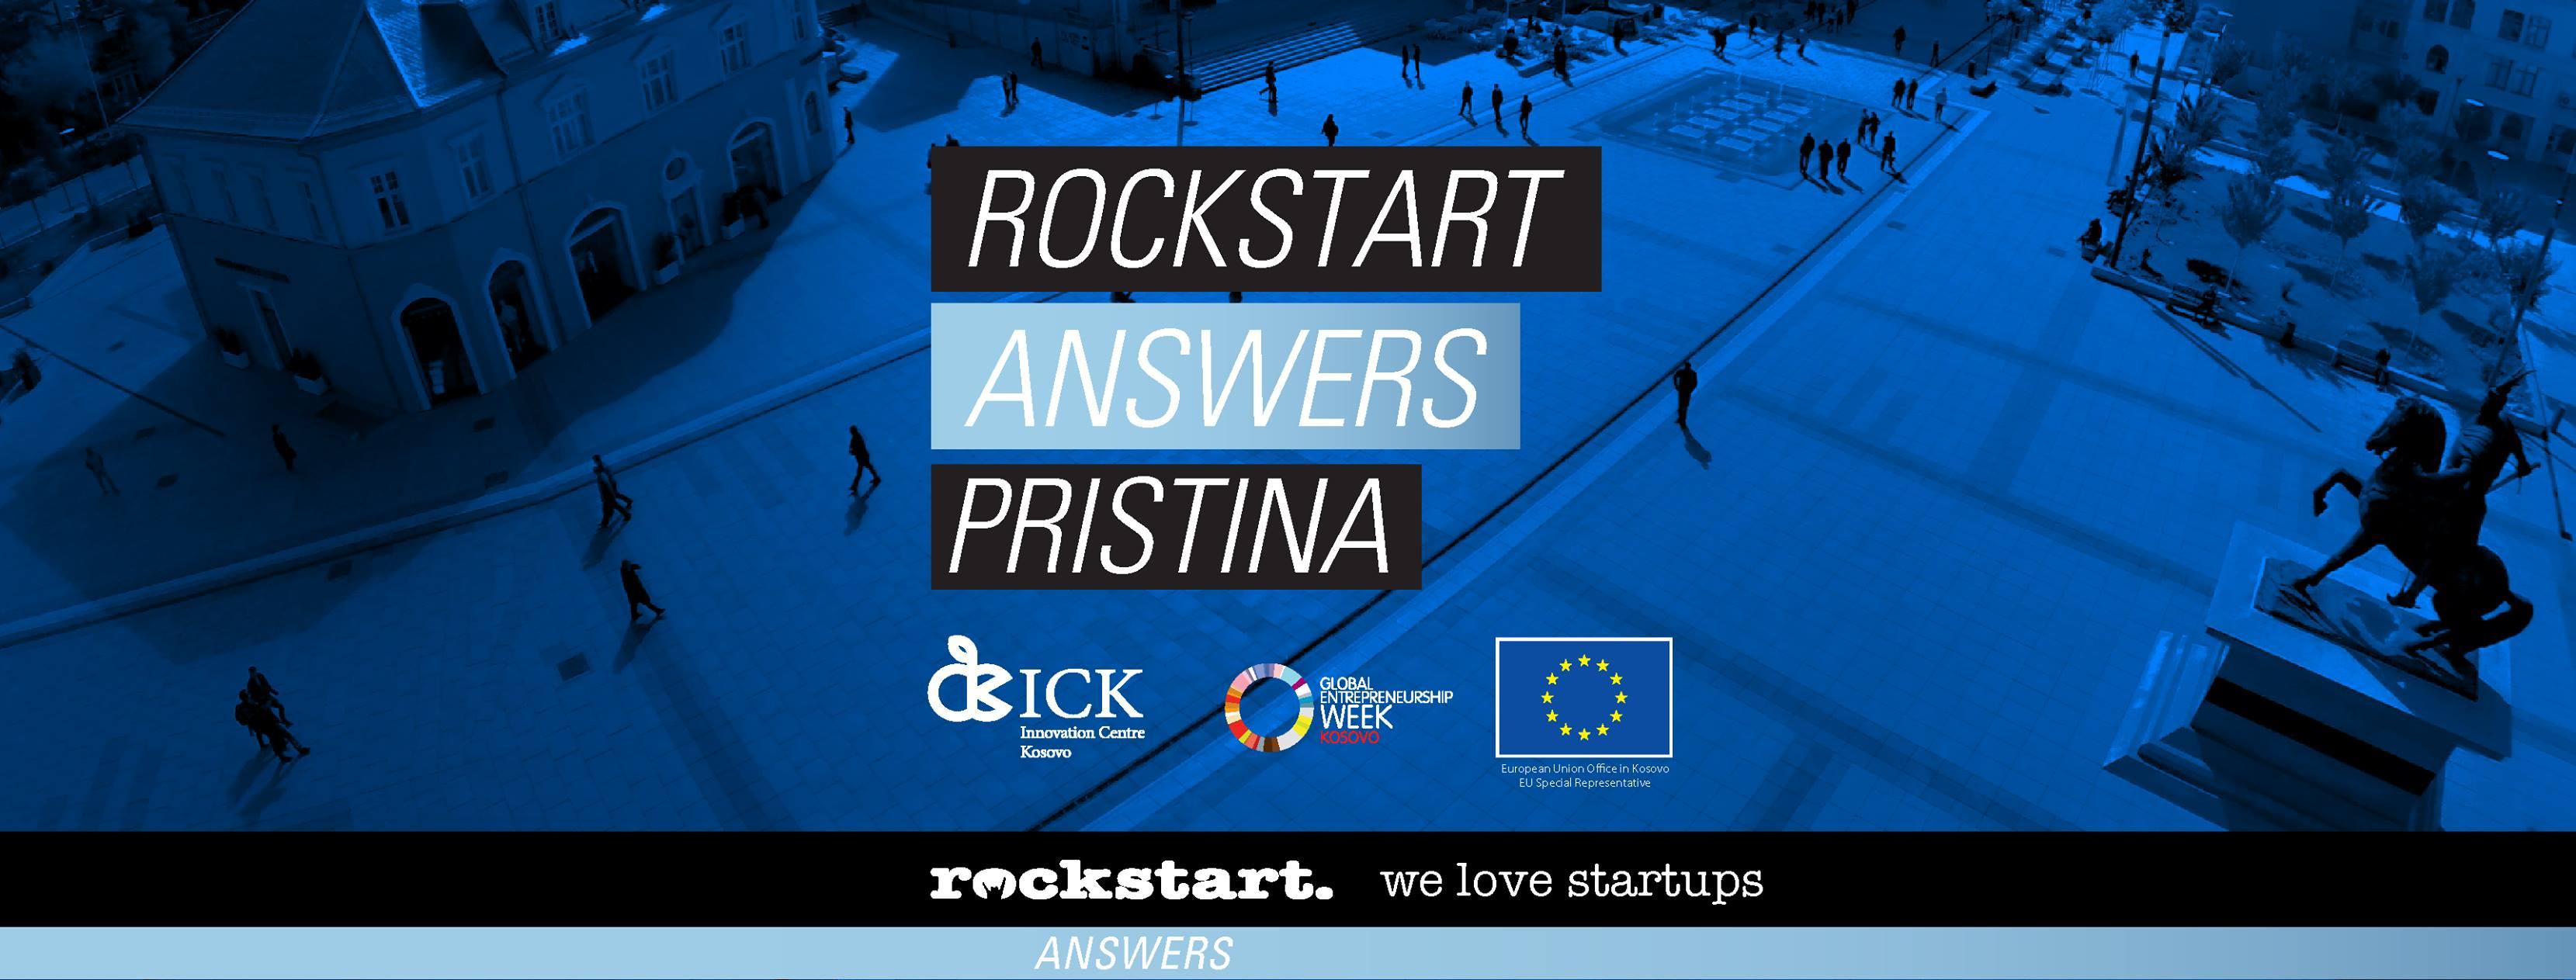 Rockstart Answers Prishtina #2